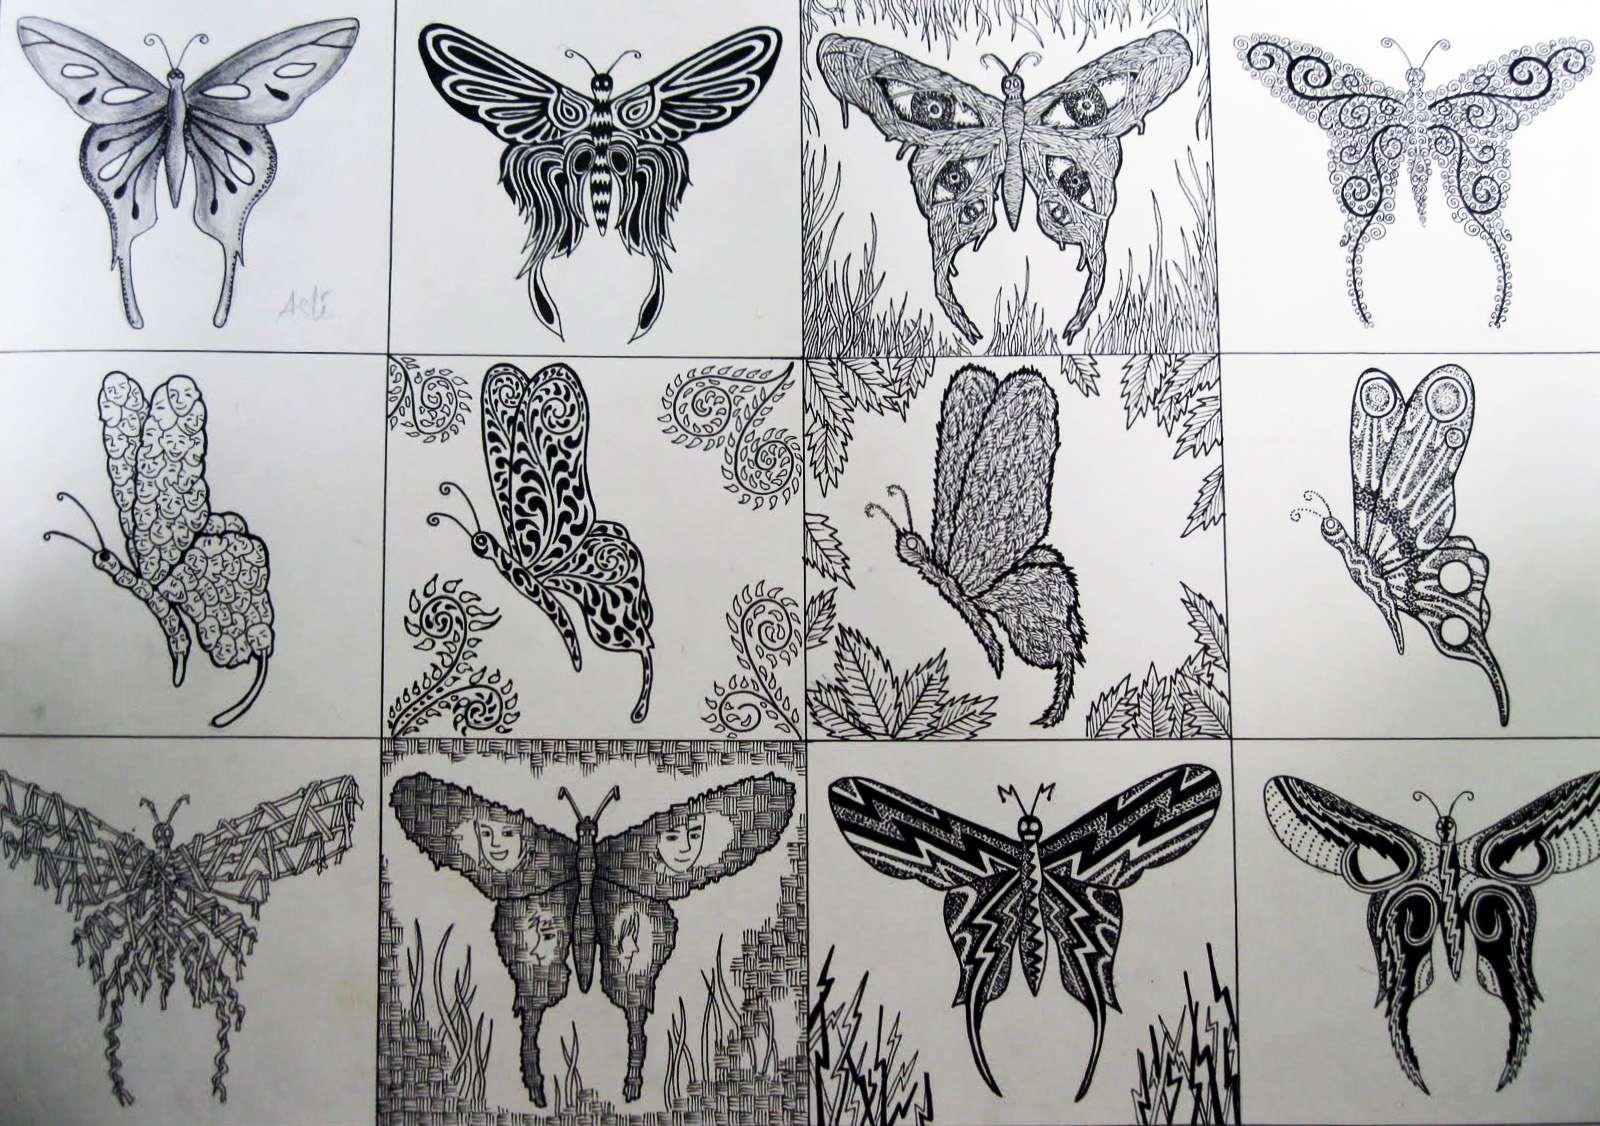 gambar burung corak deformasi gambar daun corak deformasi gambar ikan